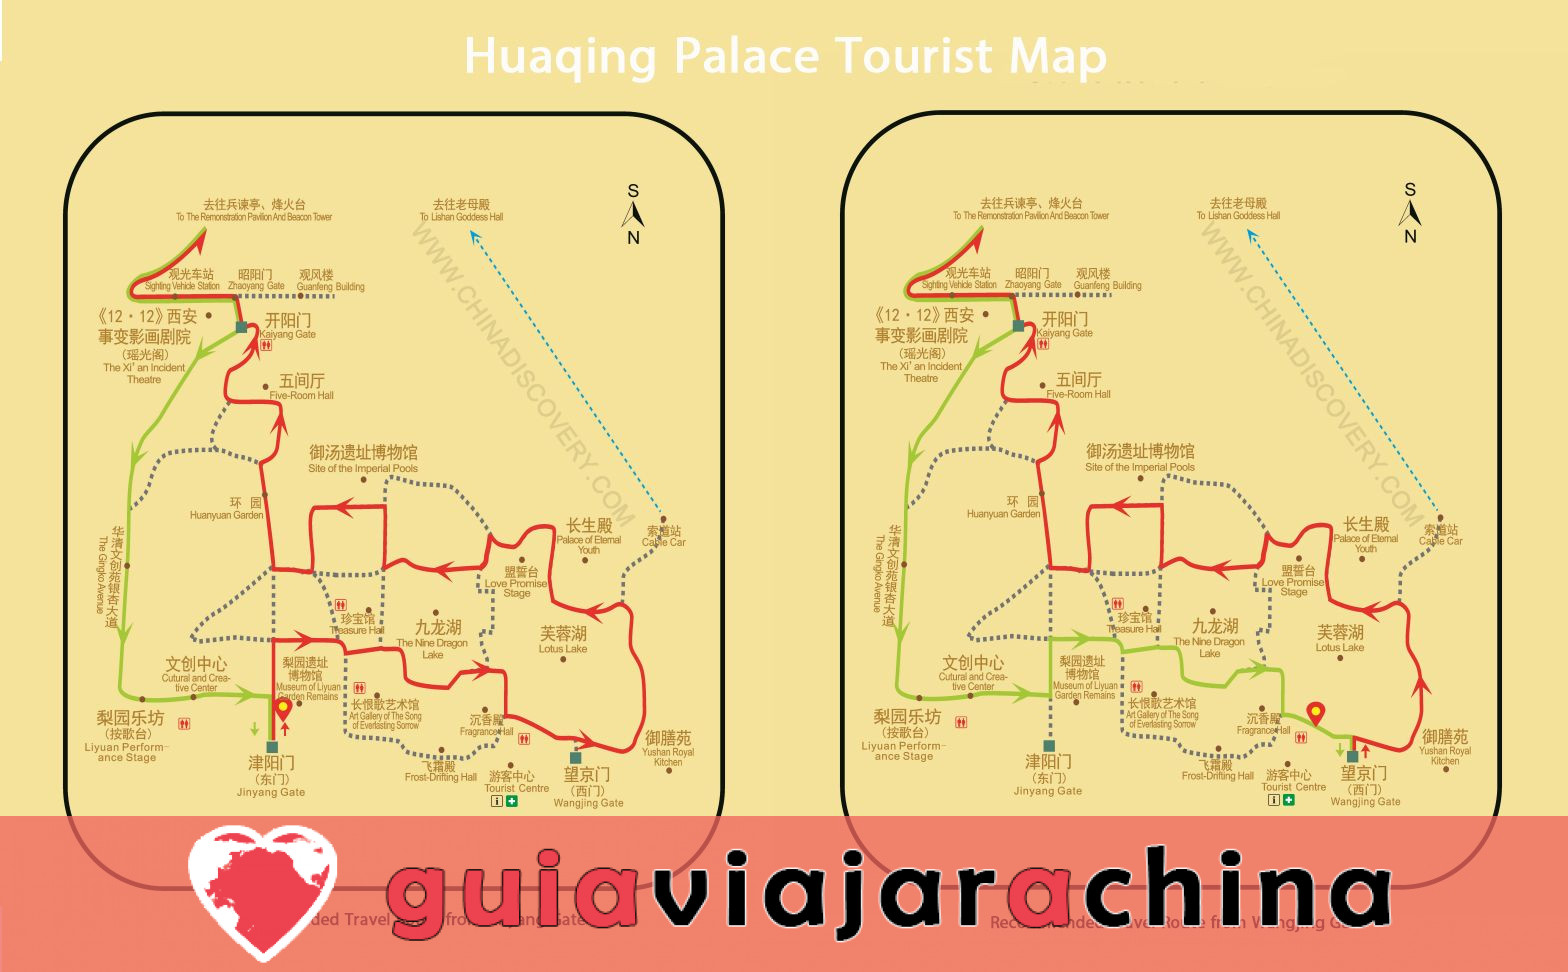 Piscina de Huaqing (Palacio de Huaqing) - Aguas termales y el canto del dolor eterno 13